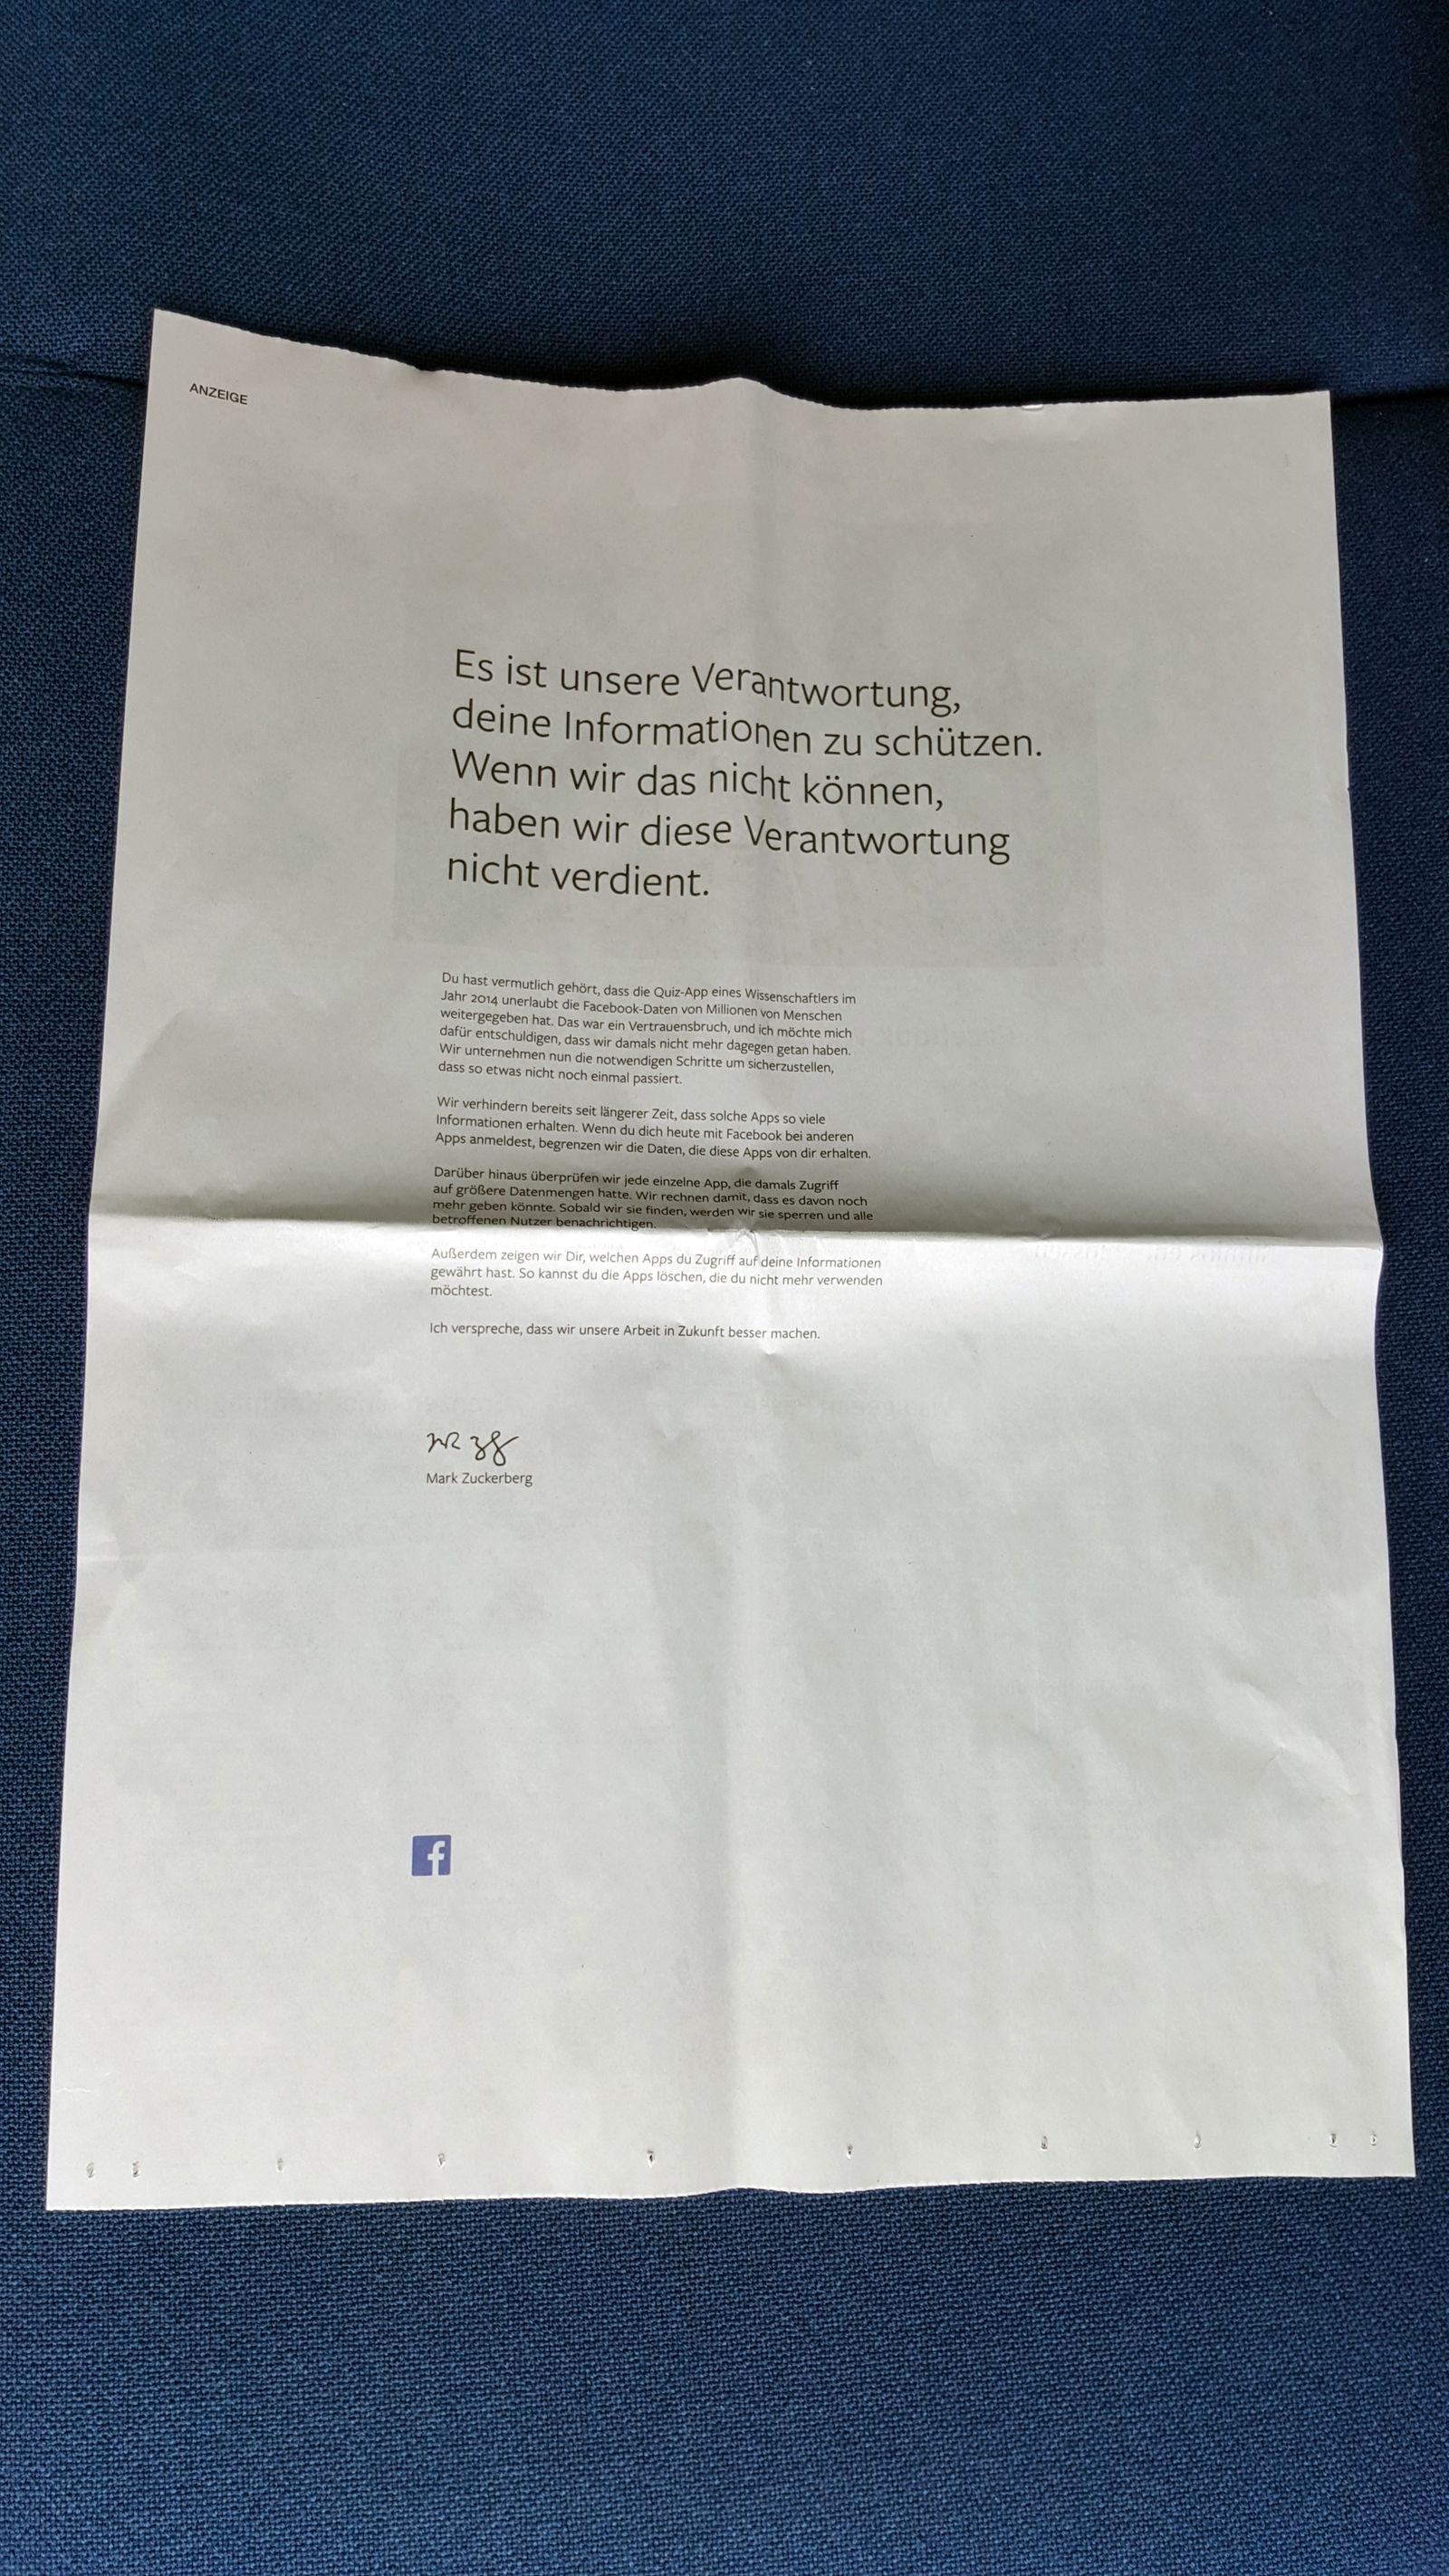 Anzeige facebook / Unterschrift Zuckerberg / Süddeutsche Zeitung